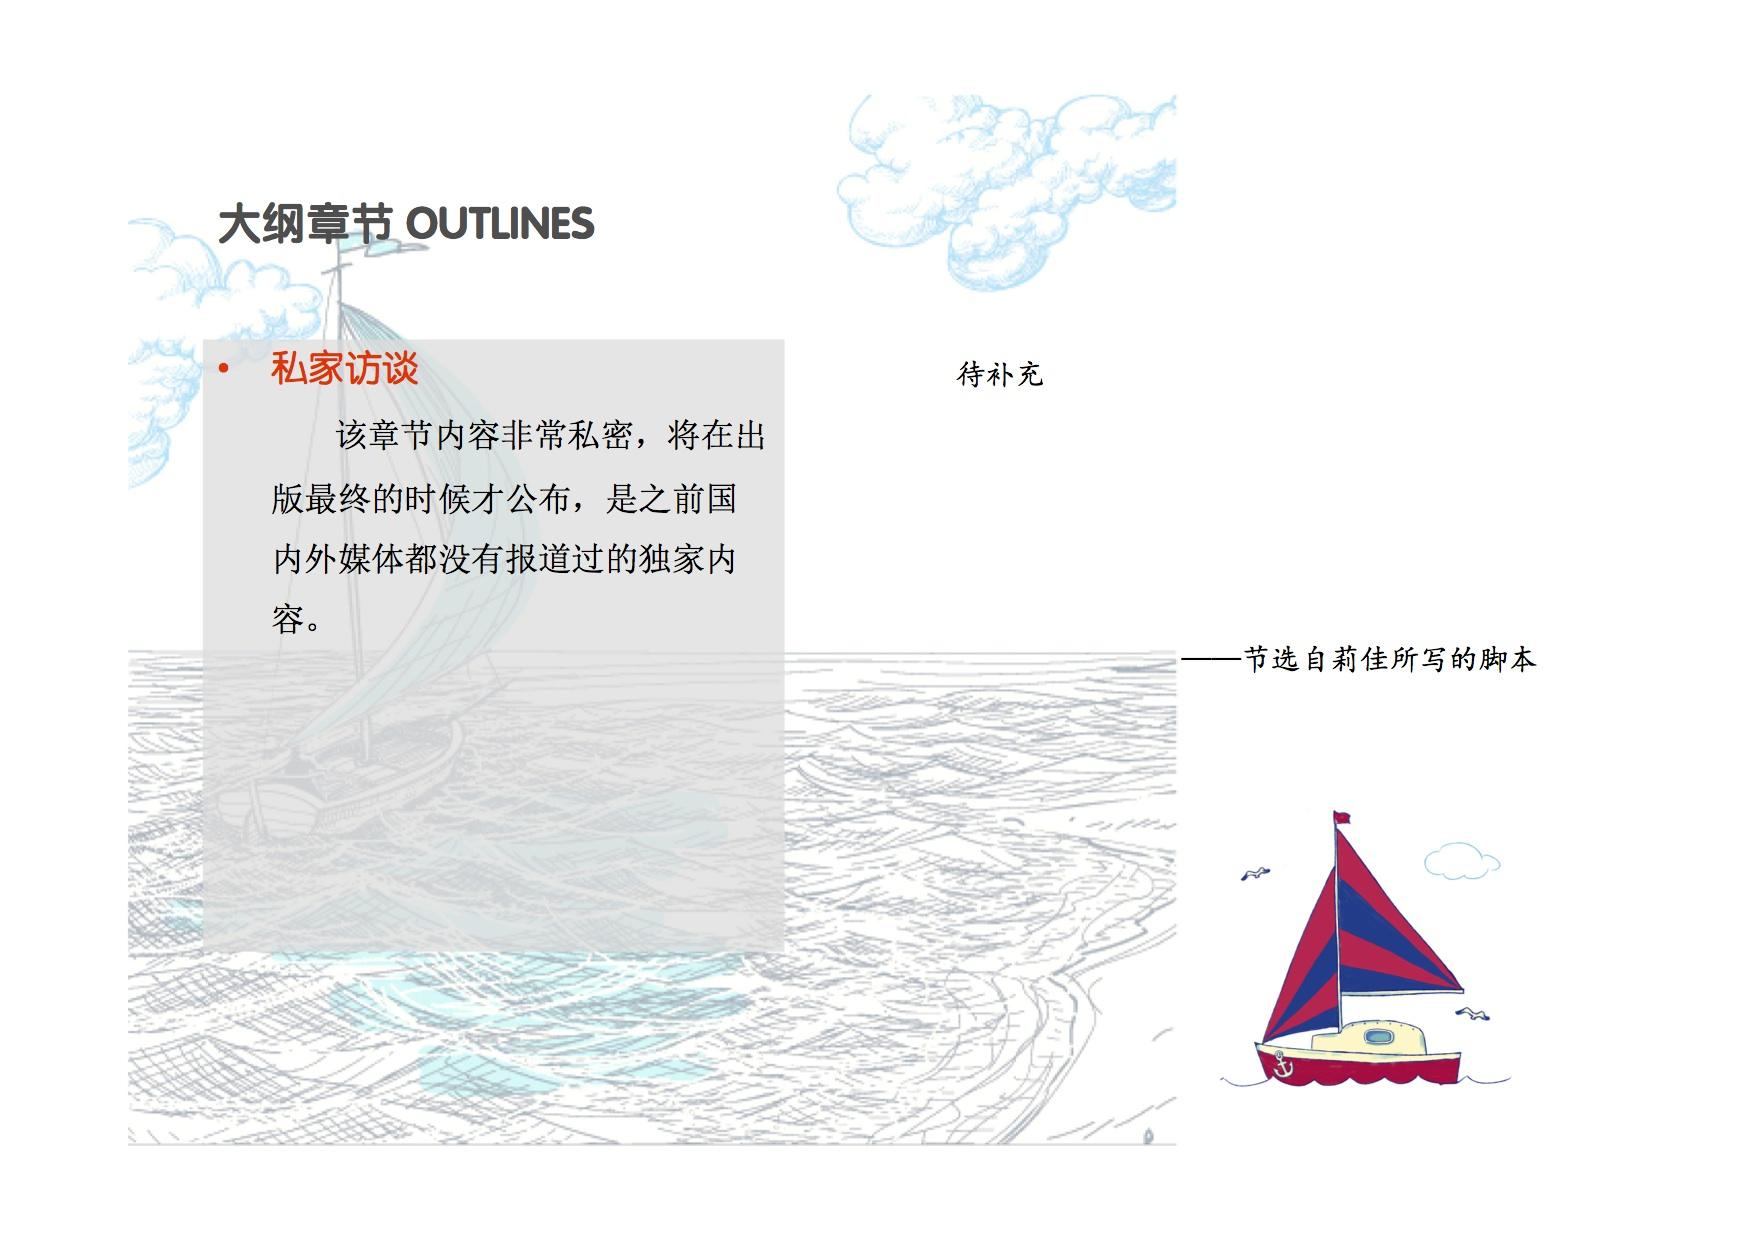 徐莉佳,帆船 一起来支持徐莉佳帆船漫画系列书 绘本帆船创作企划案13.jpg